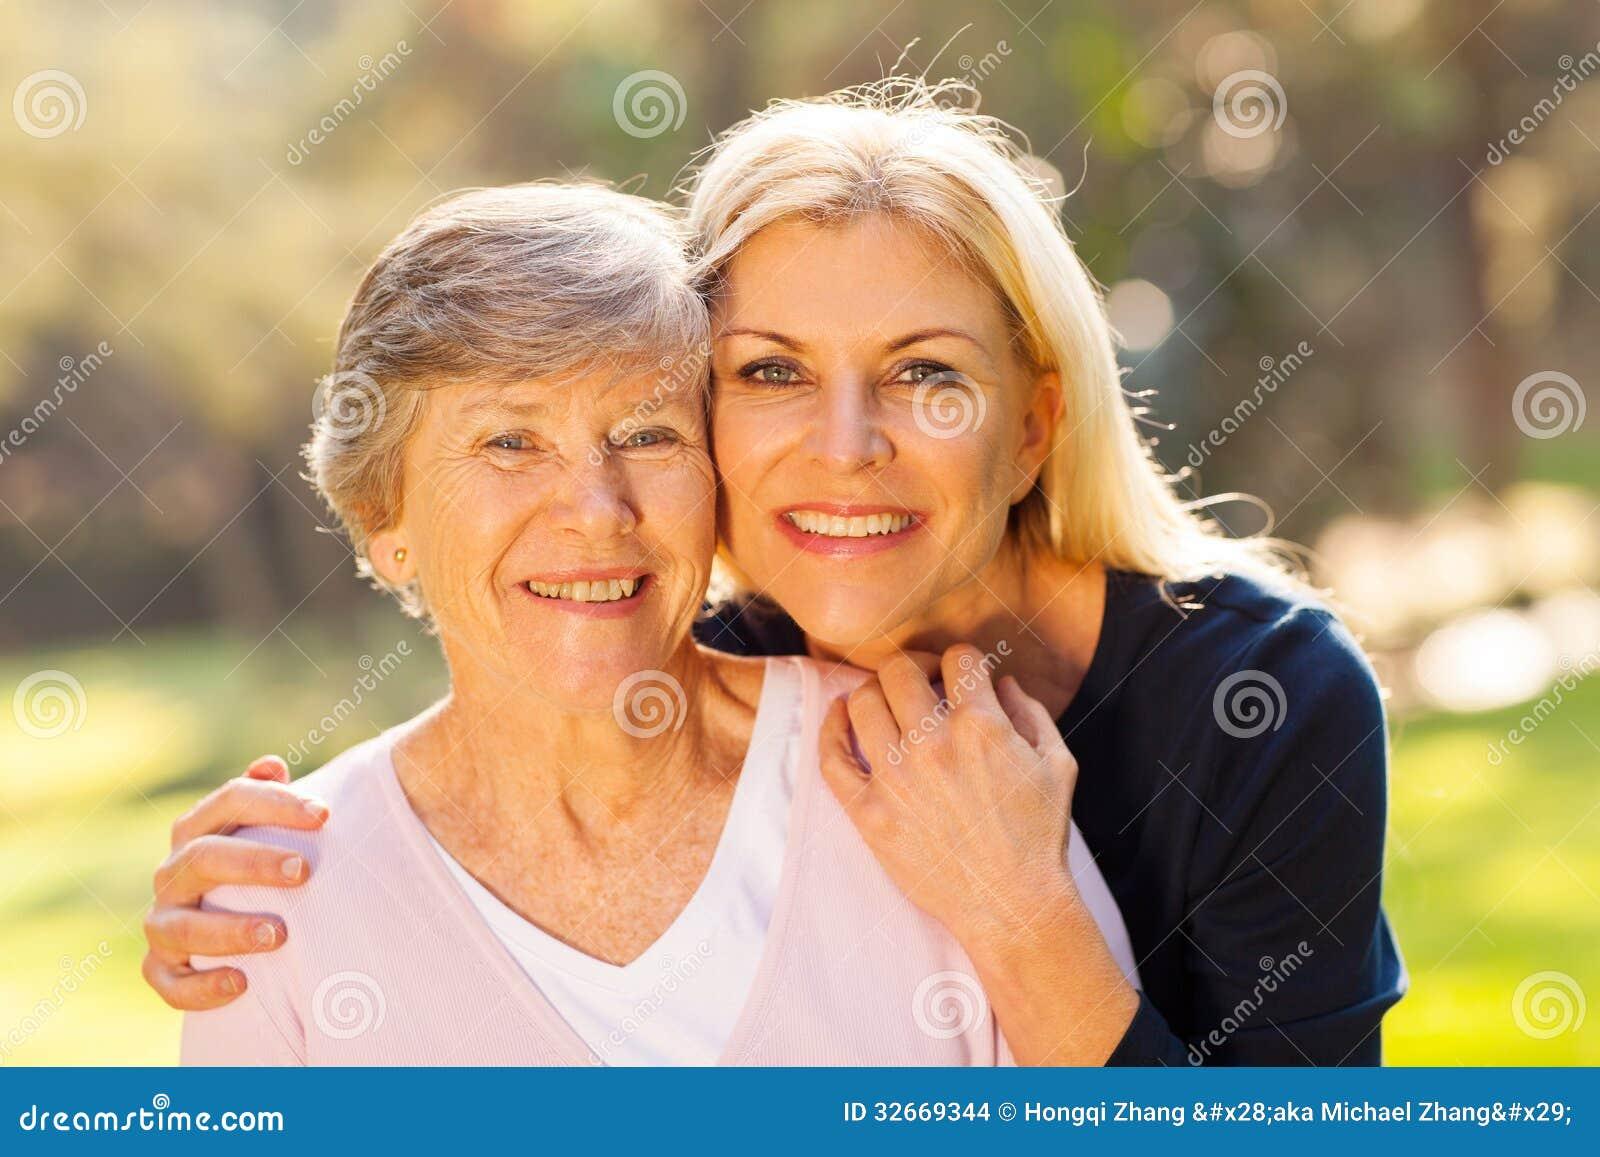 Senior woman daughter